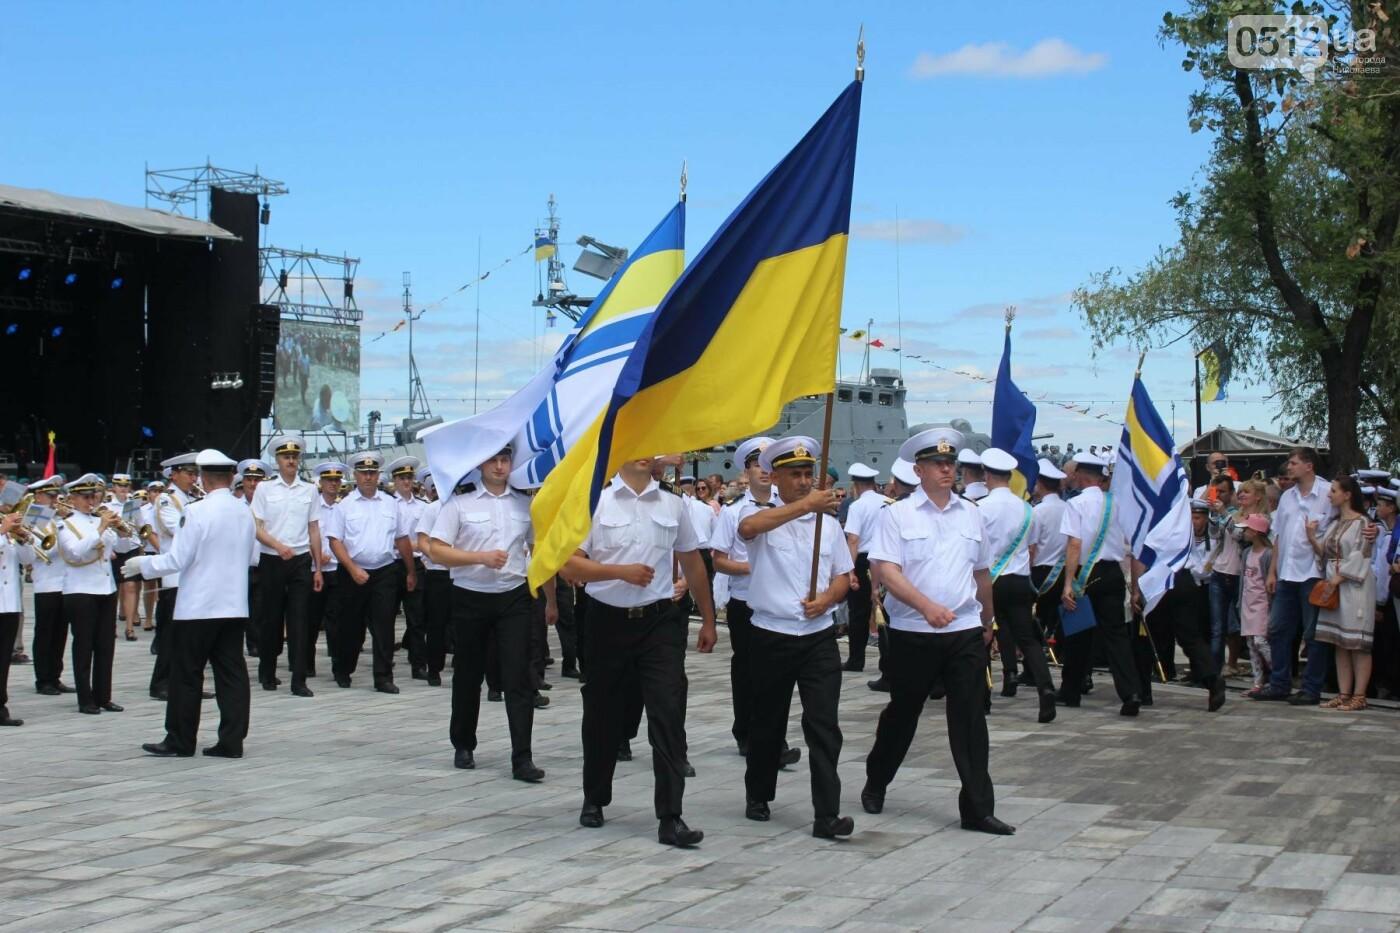 Полевая кухня, марш военных и выставка техники: как в Николаеве отмечали День ВМС Украины, фото-21